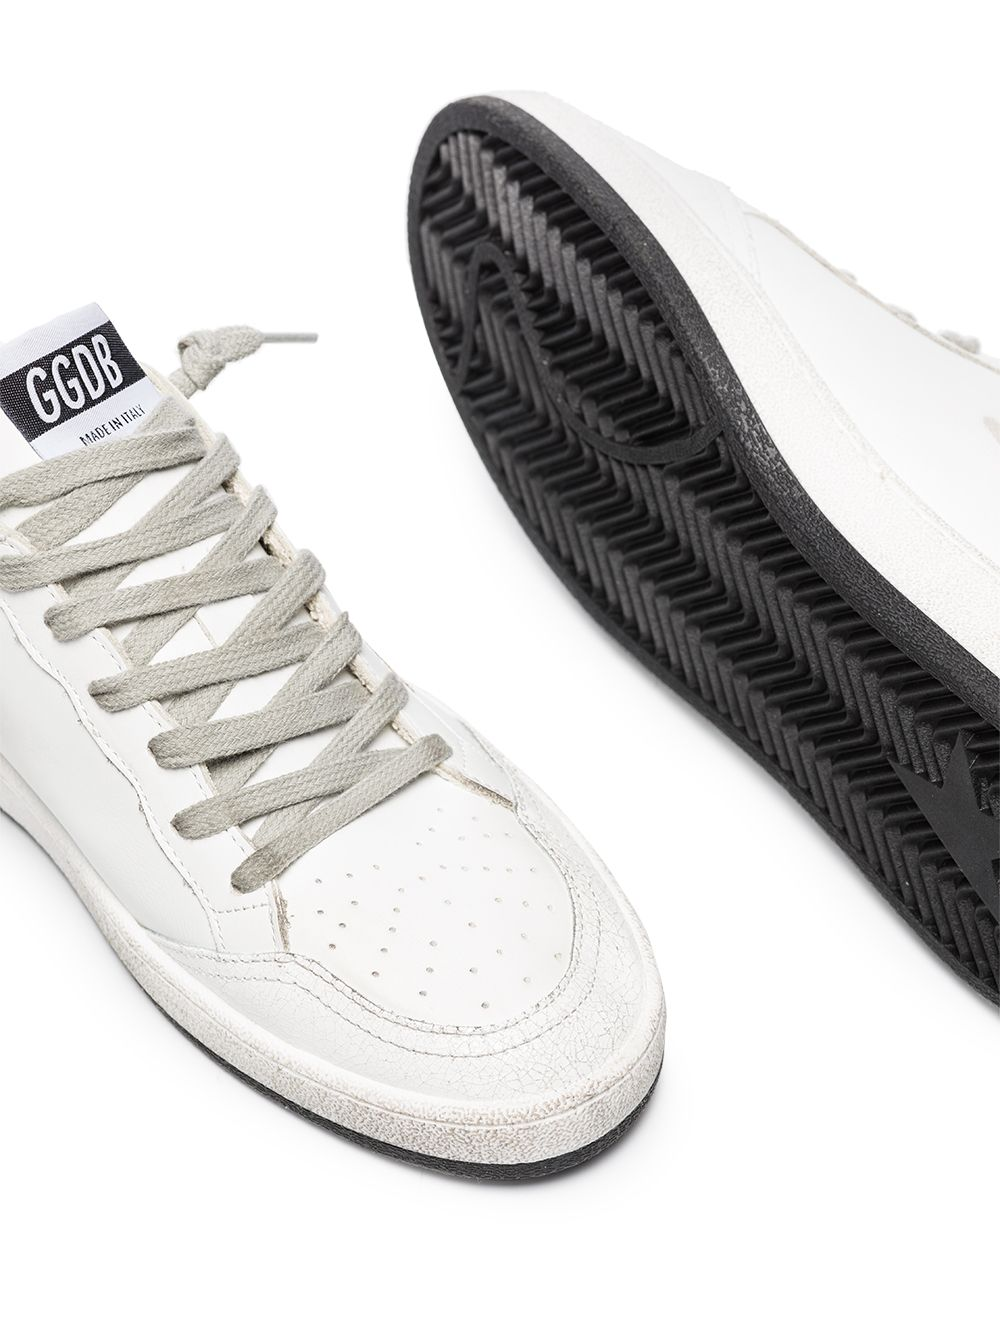 Picture of Golden Goose Deluxe Brand   Ballstar Low-Top Sneakers